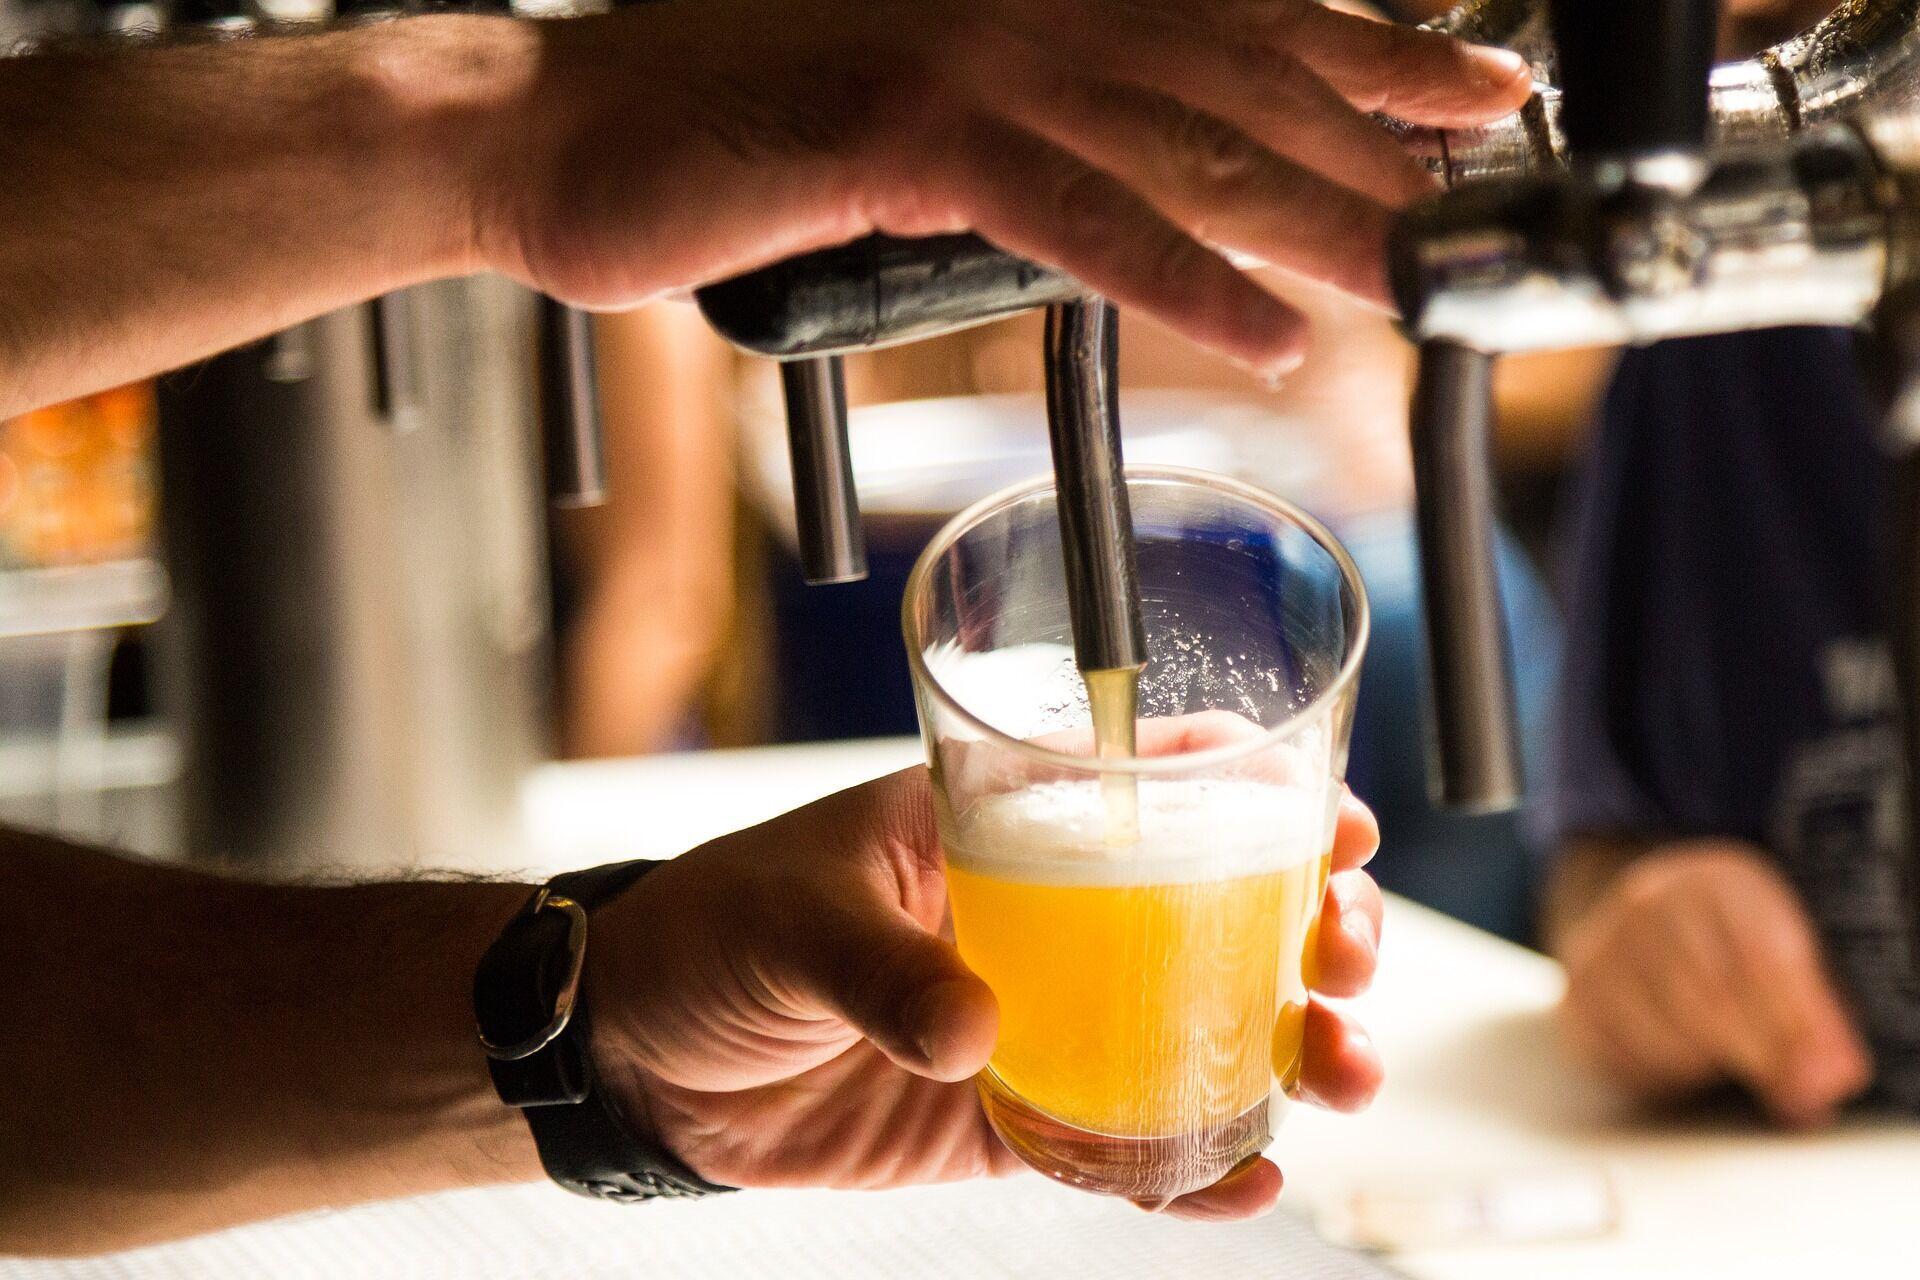 """Вживання великої кількості алкогольних напоїв у спекотну погоду – """"найгірше, що можна зробити"""""""